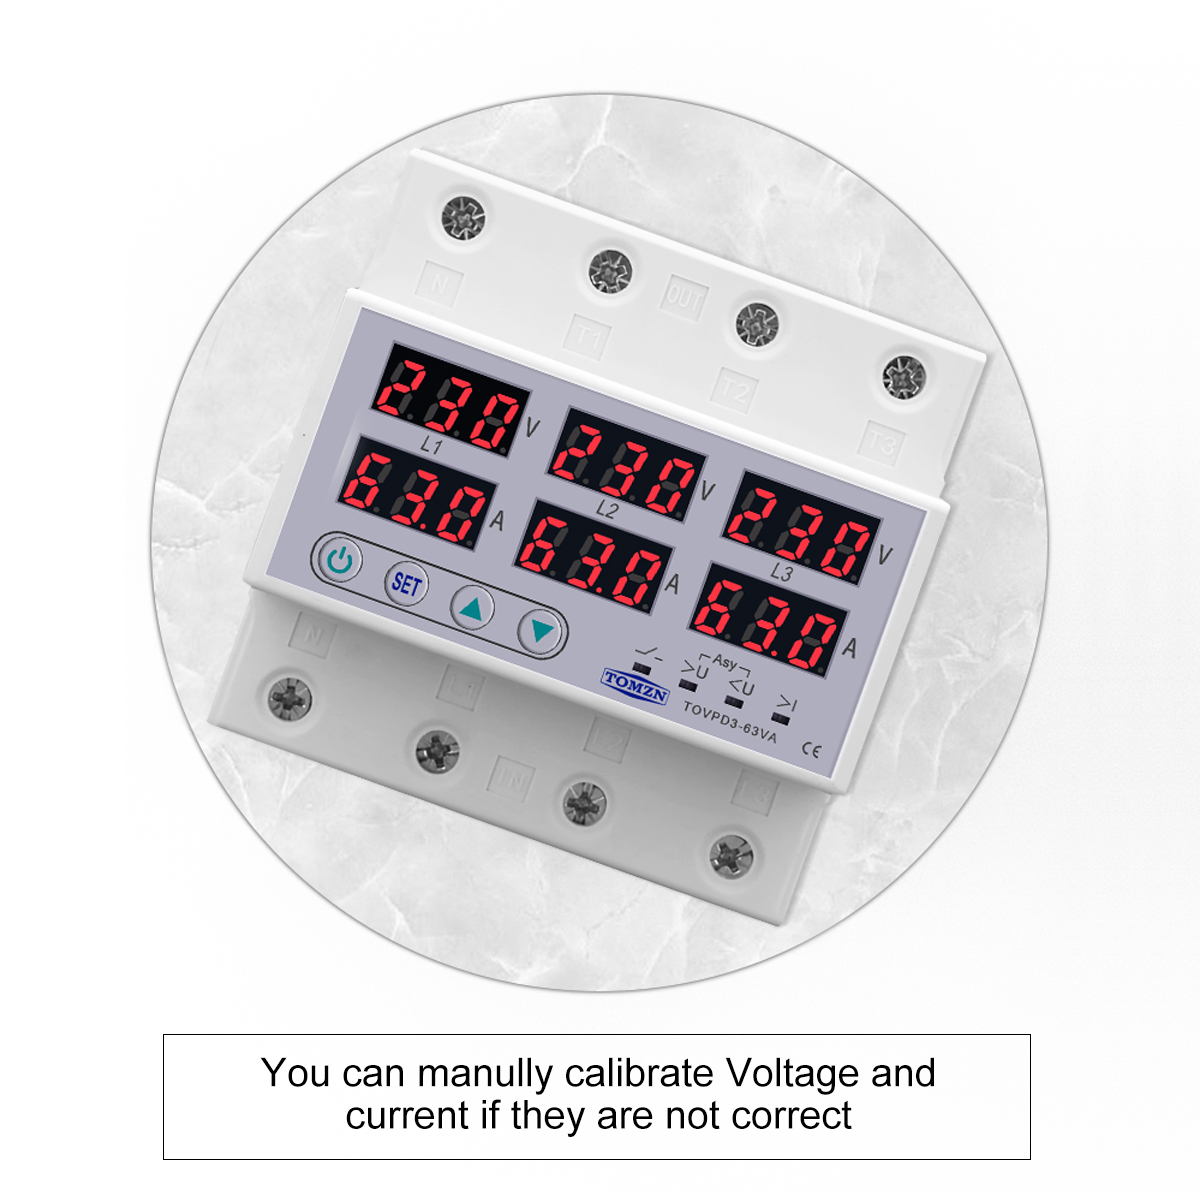 Din Rail 3 фазы Напряжение реле 380V Вольтметр Амперметр и имеет более тонкий Напряжение монитор реле протектор регулировки тока более Напряжени...